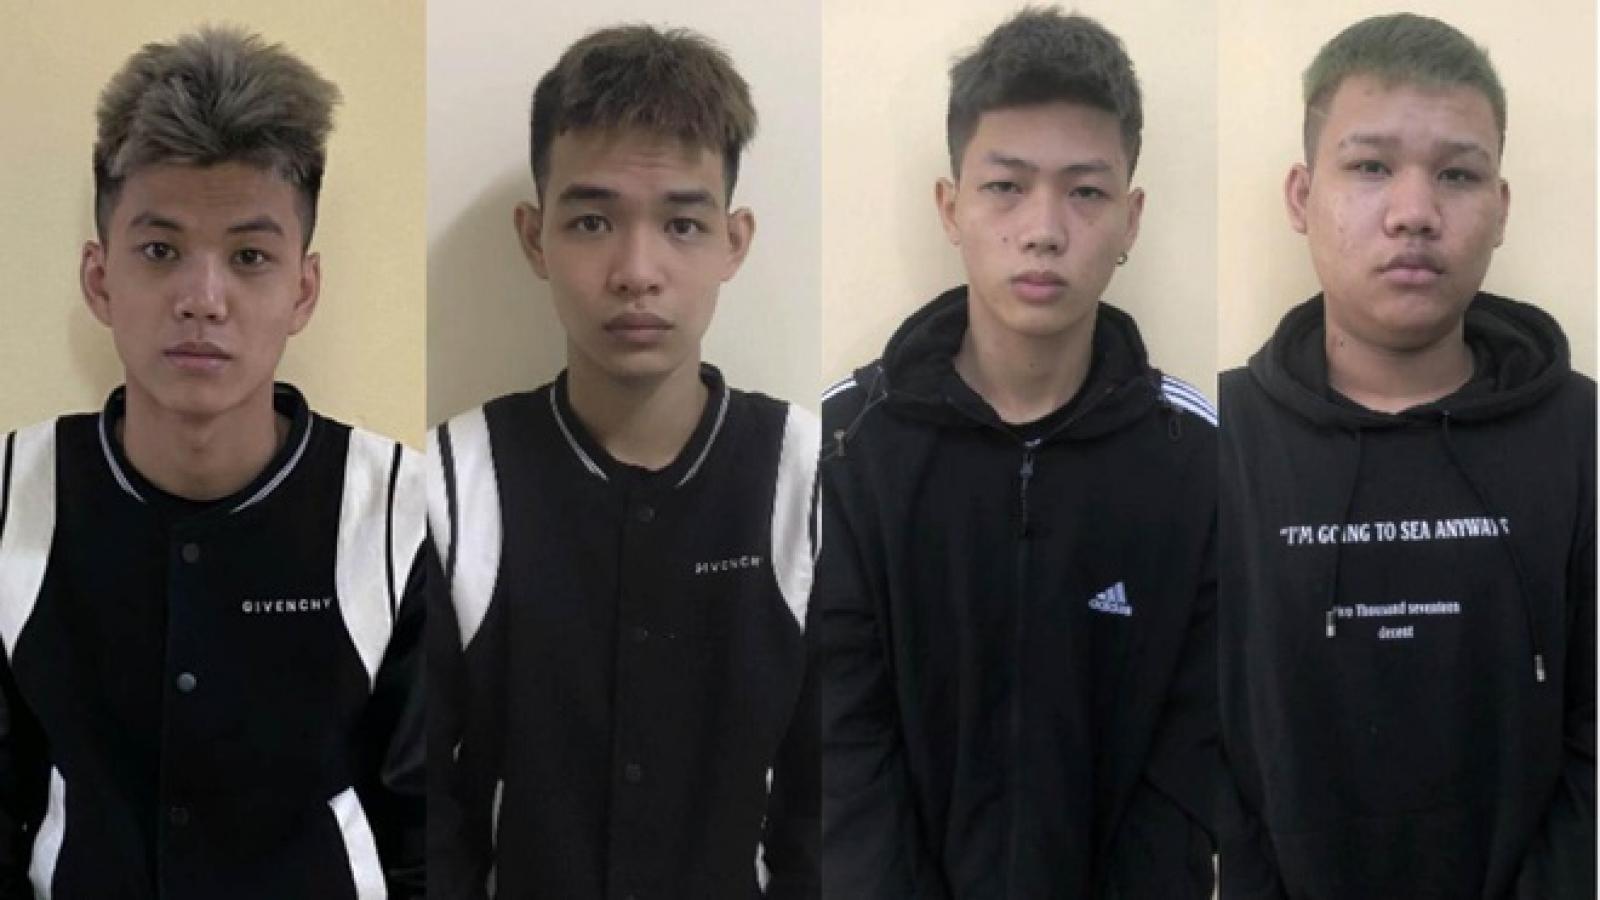 Nóng 24h: Bốn đối tượng truy sát khiến người đàn ông tử vong tại Hà Nội